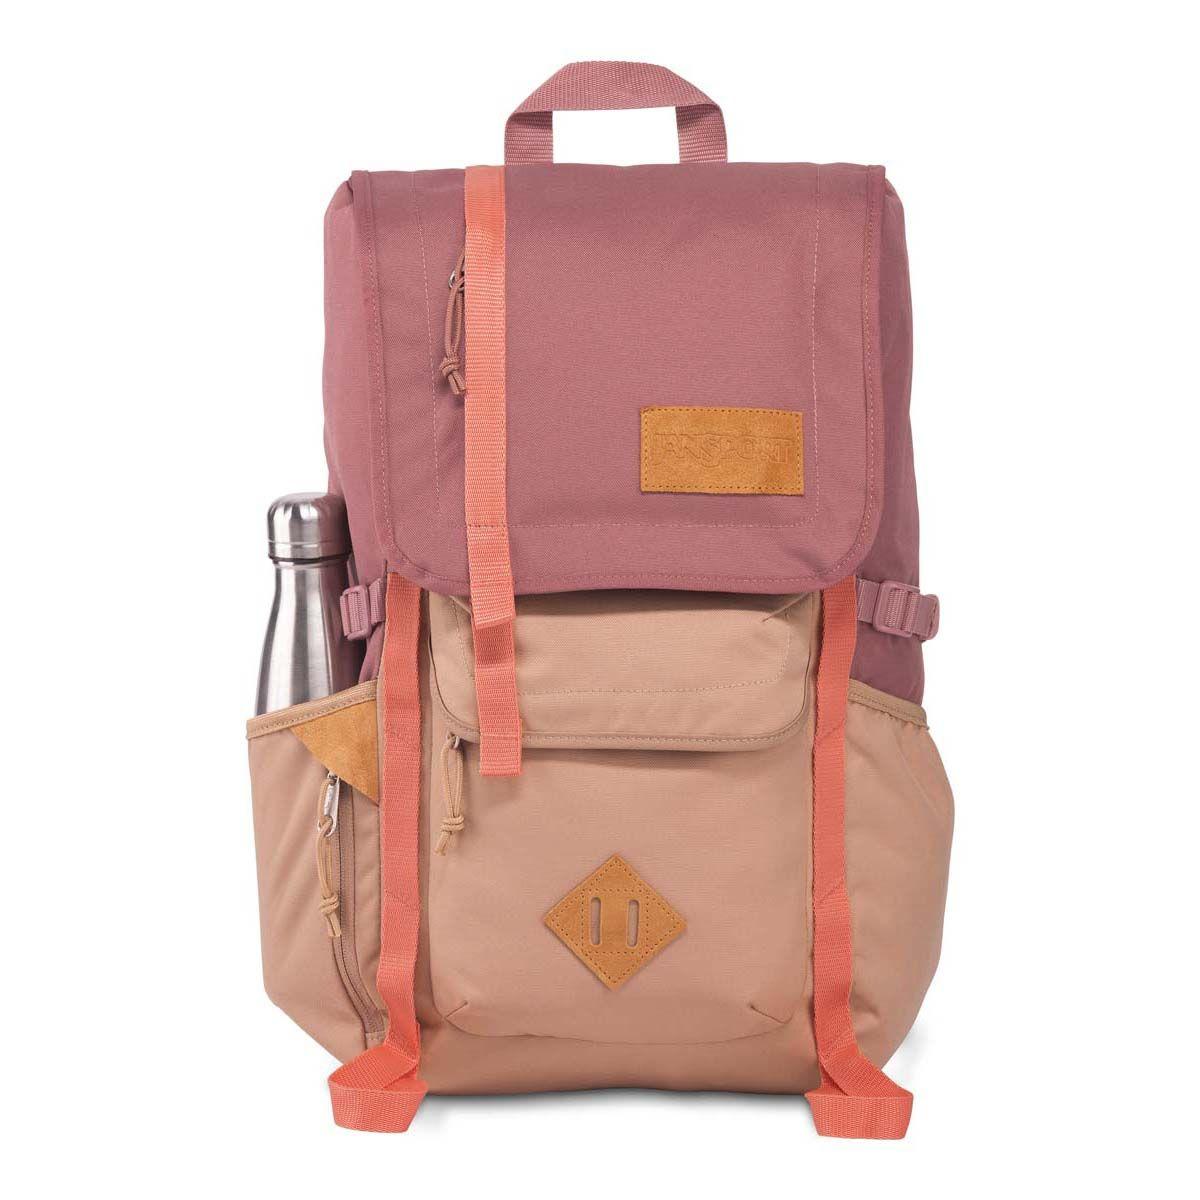 JanSport Hatchet Backpack in Soft Mohair